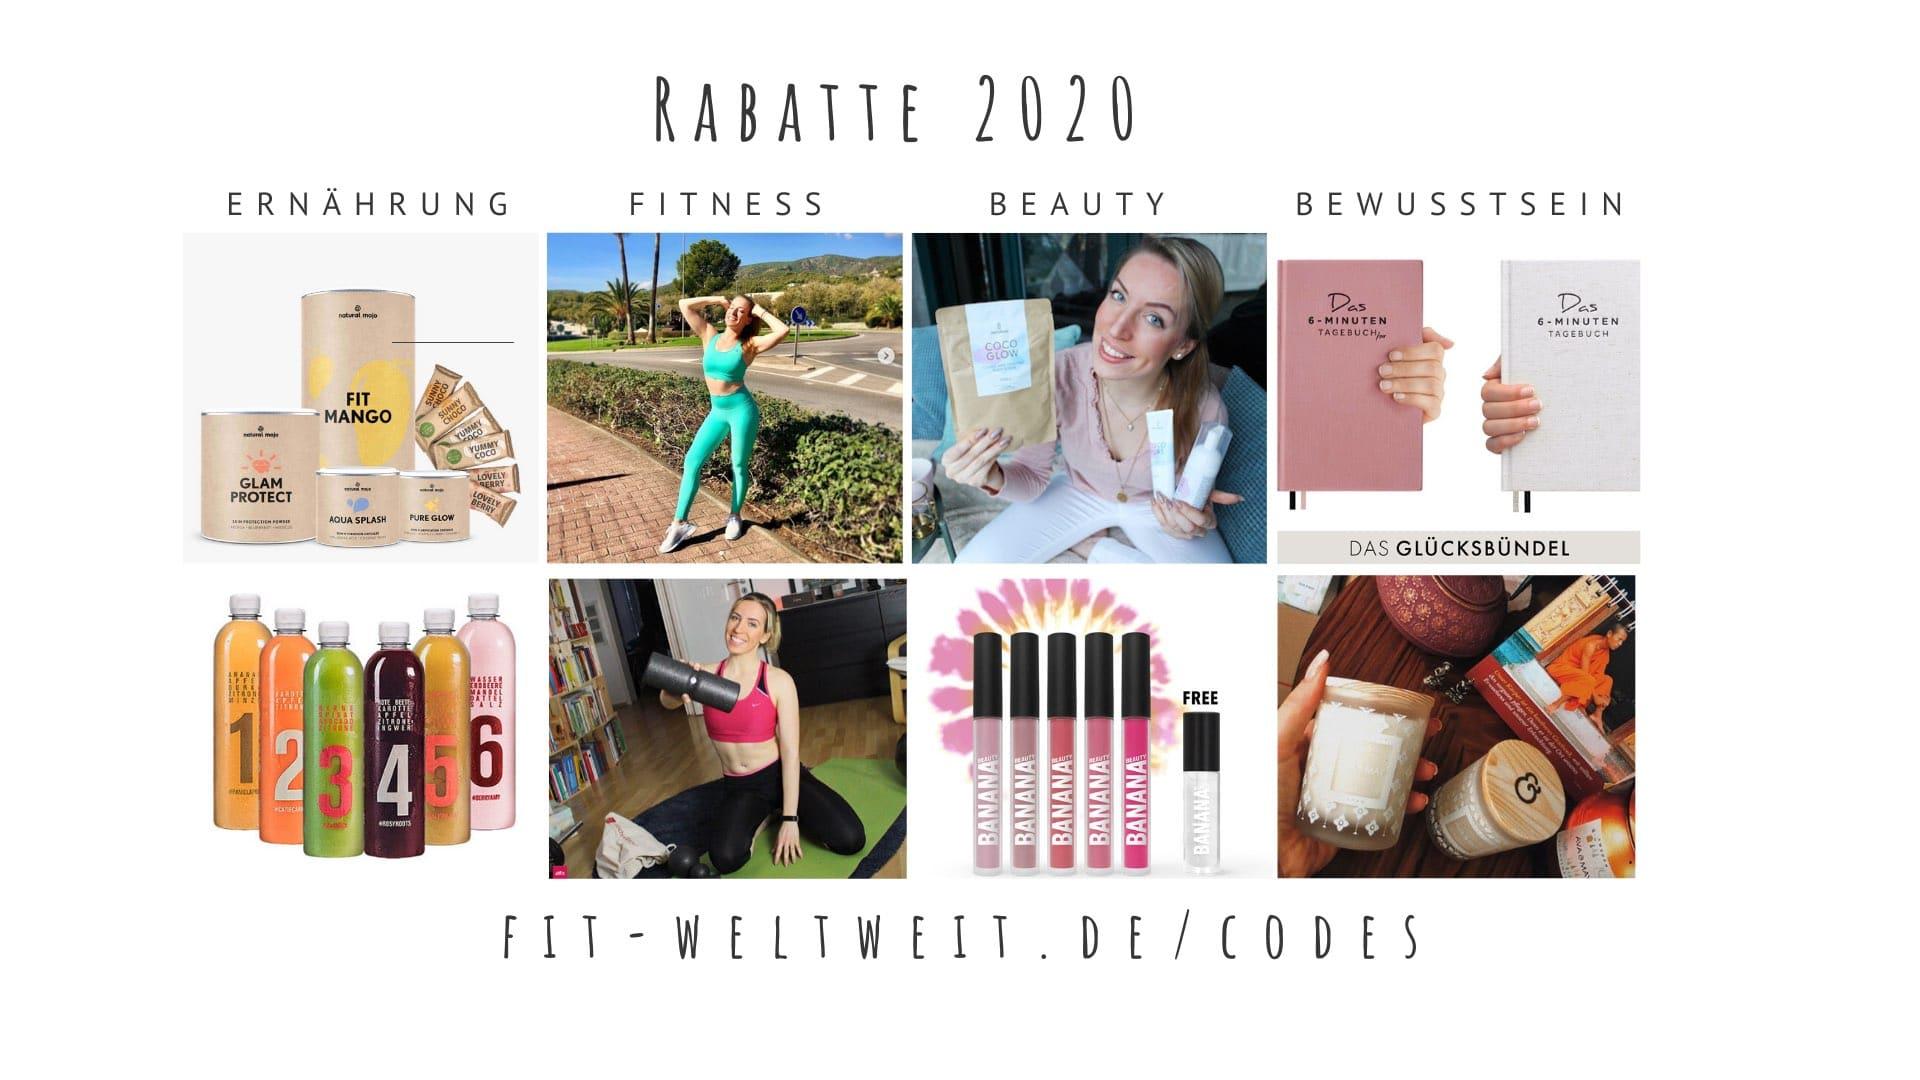 fitweltweit Codes Rabattcodes Gutscheincodes Rabatte Gutscheine 2020